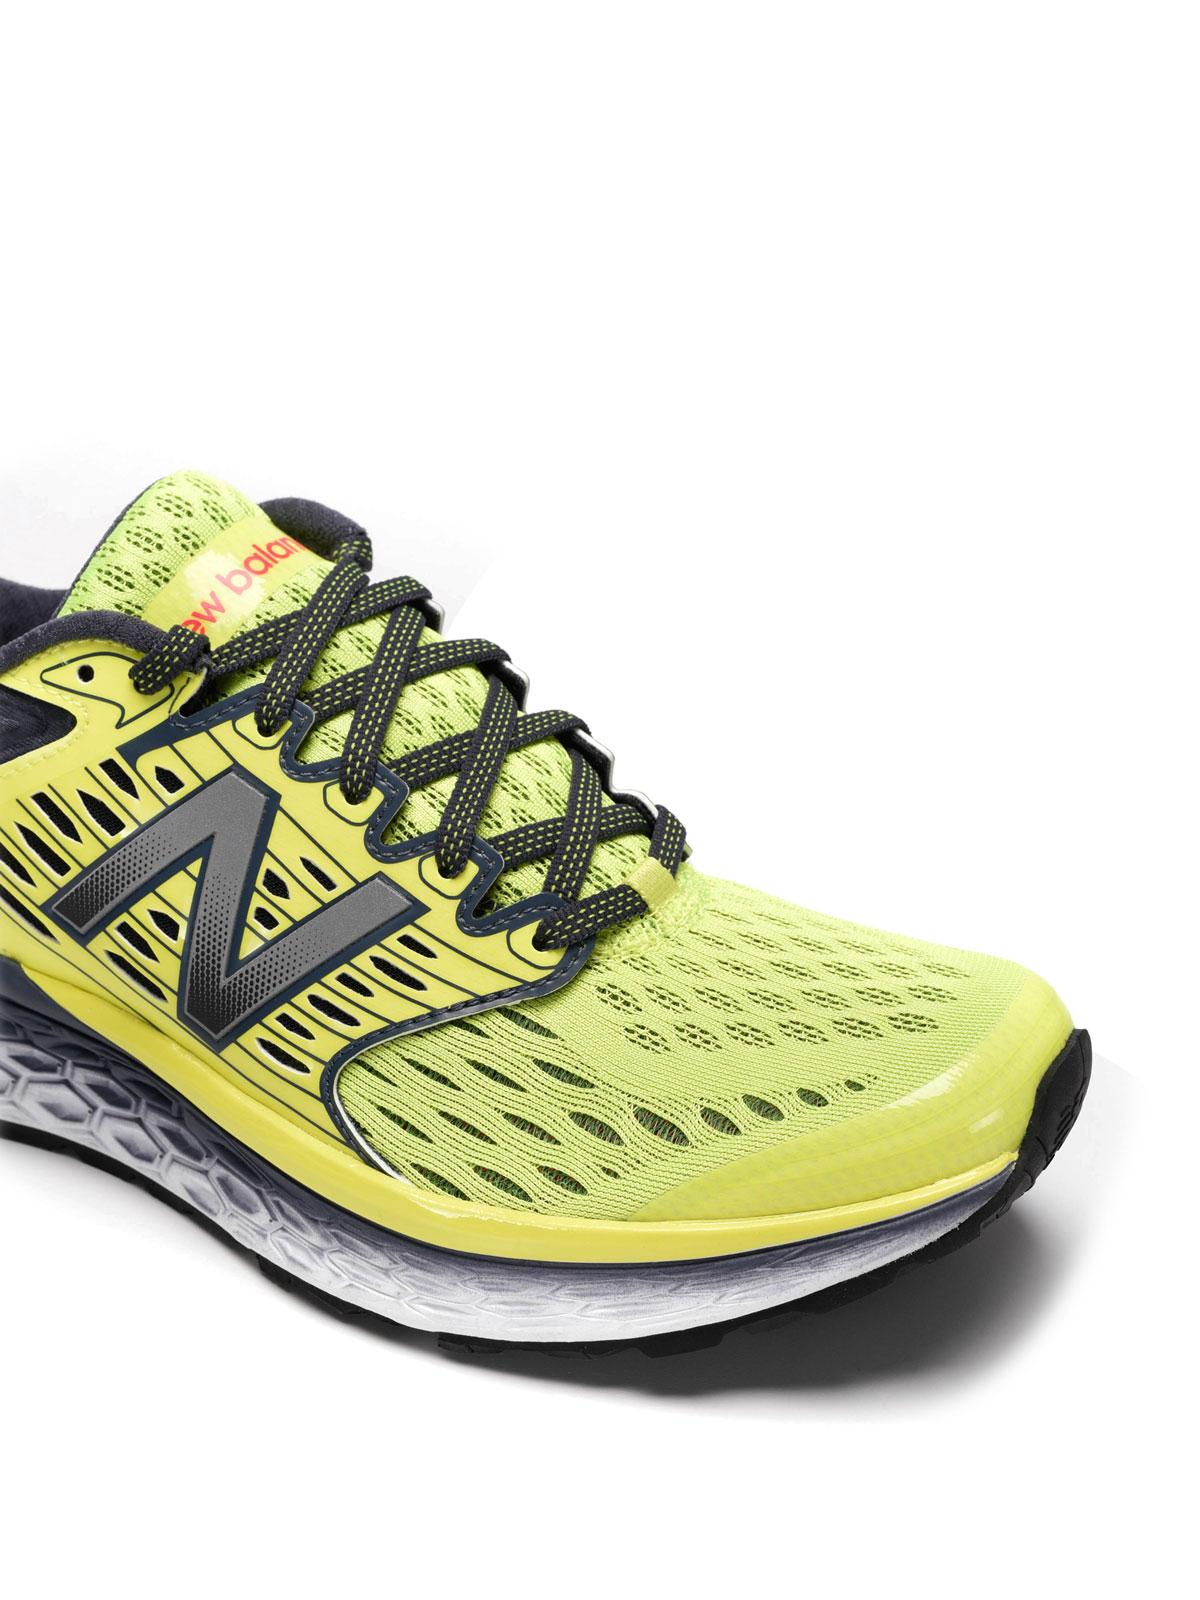 Sneakers New Balance - Scarpe da corsa in tecno-tessuto - M1080GY6